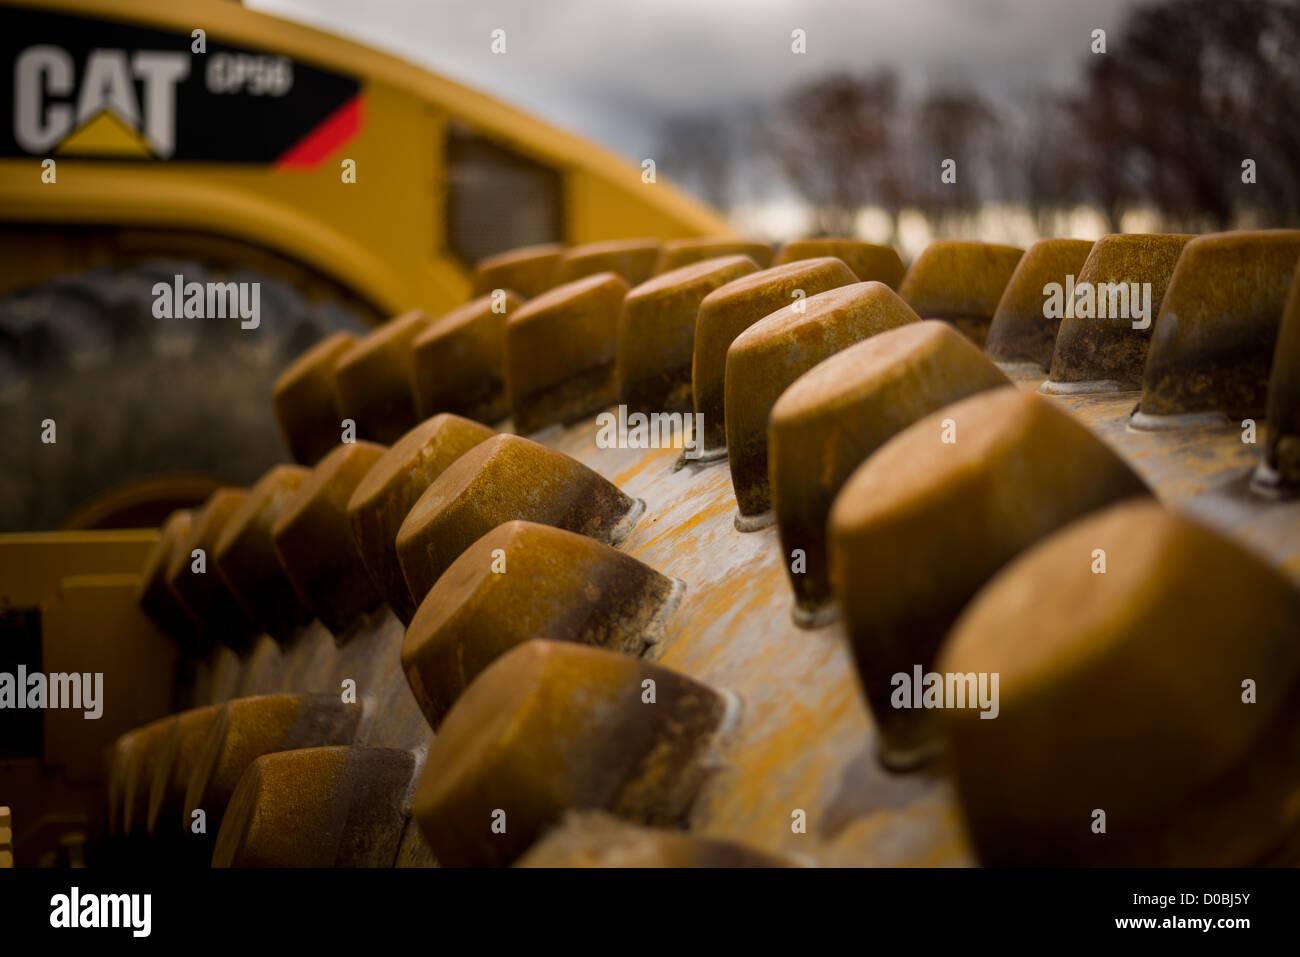 Caterpillar Dirt Compactor Stock Photo